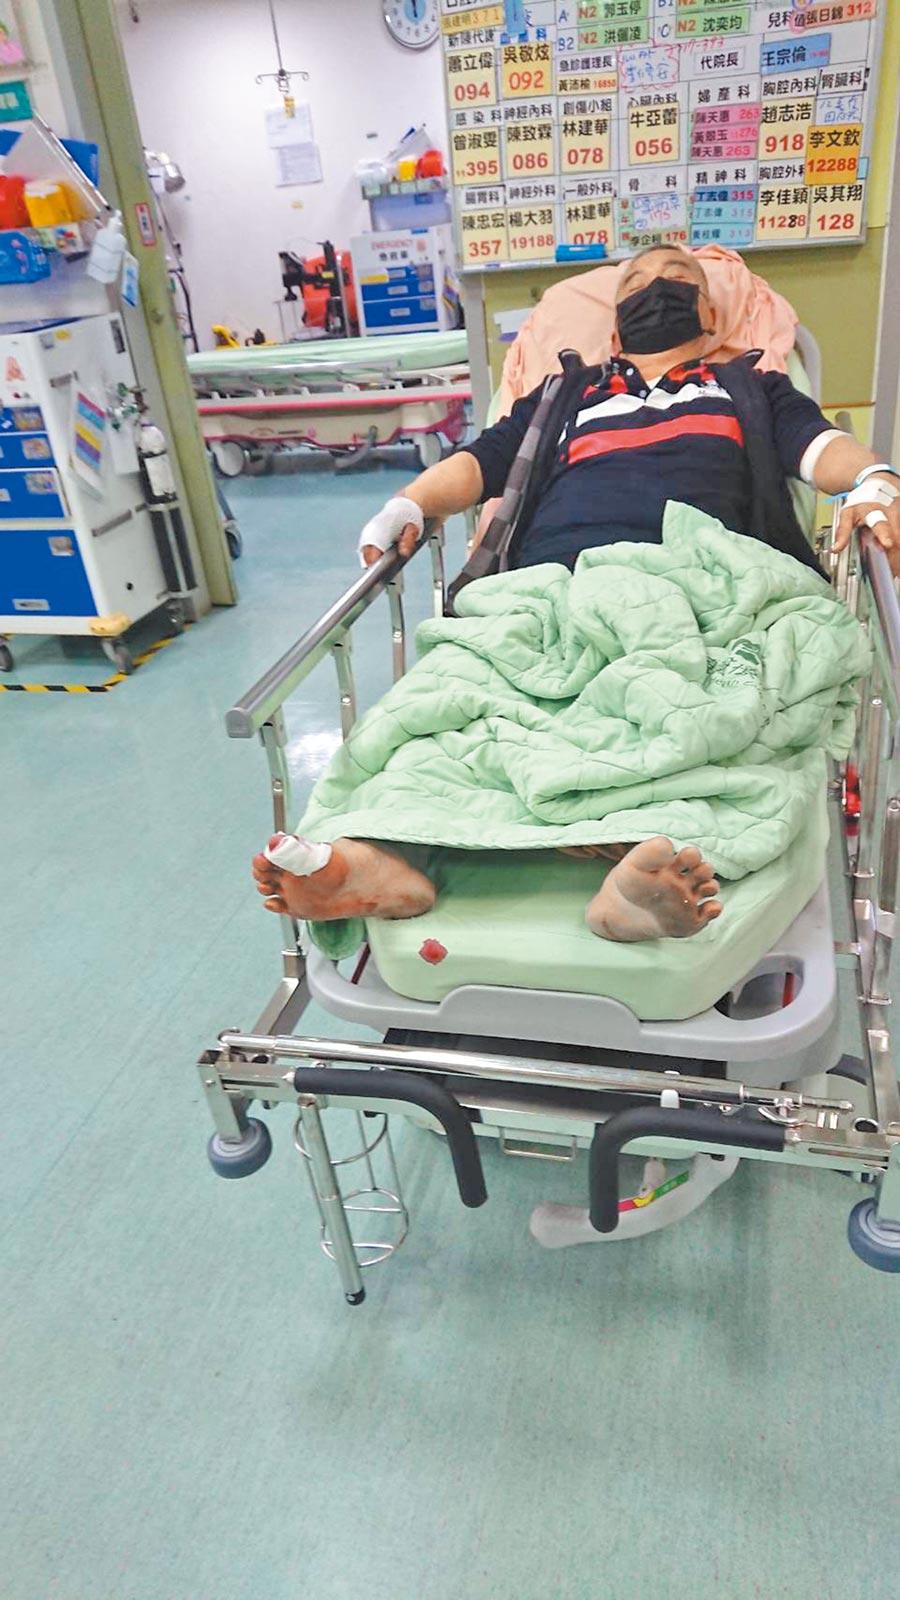 楊四海被暴打成傷,送往醫院急救,經檢查發現右側遠端腓骨骨折,全身多處擦傷。(芳苑反火化場自救會提供/吳建輝彰化傳真)